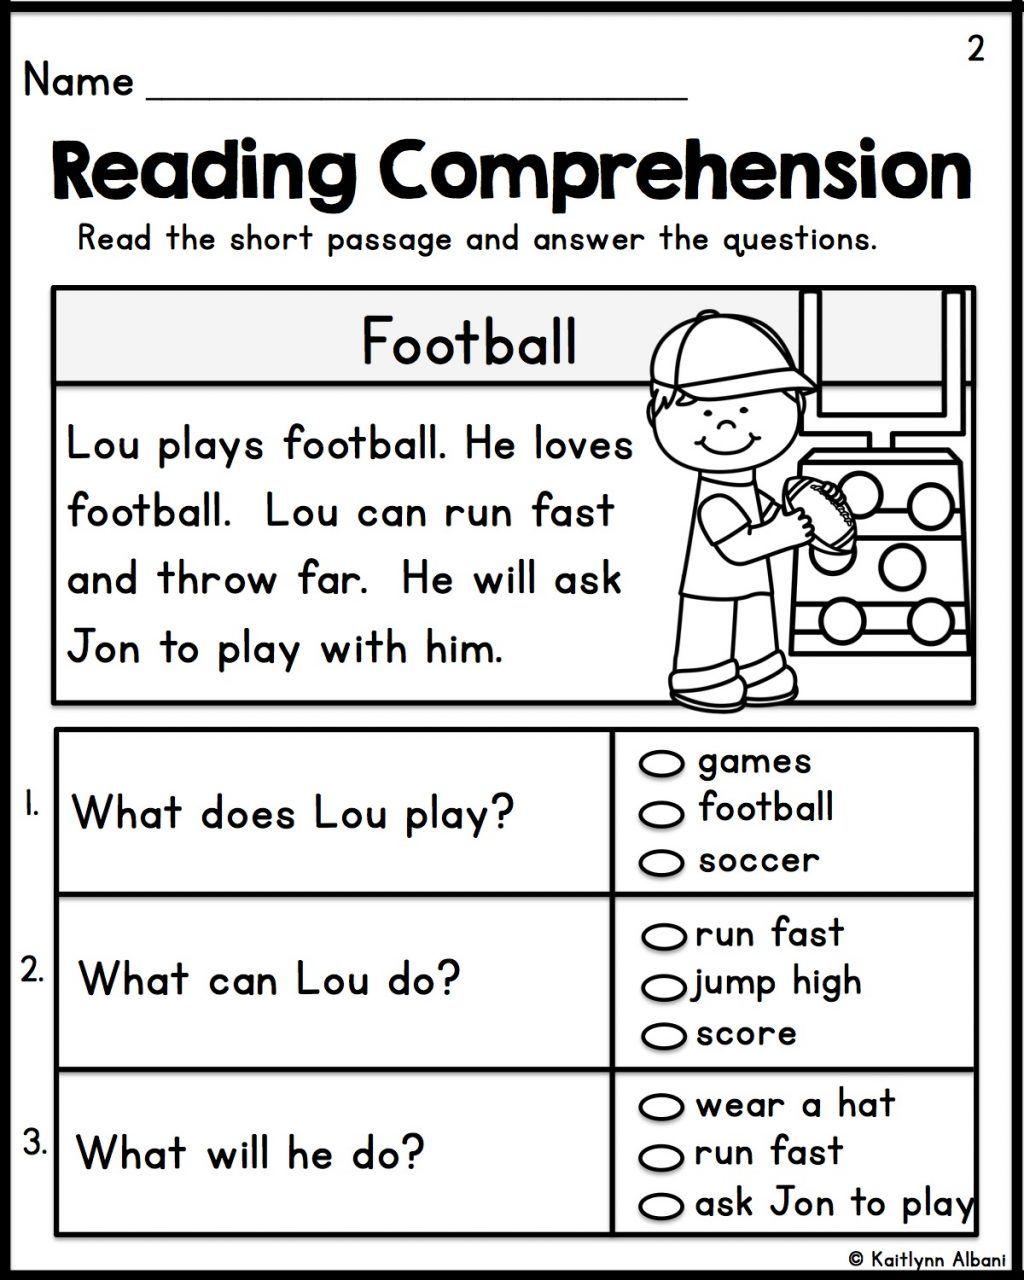 Textos Cortos Y Sencillos Para Trabajar La Comprension Lectora En Ingles Reading Comprehension